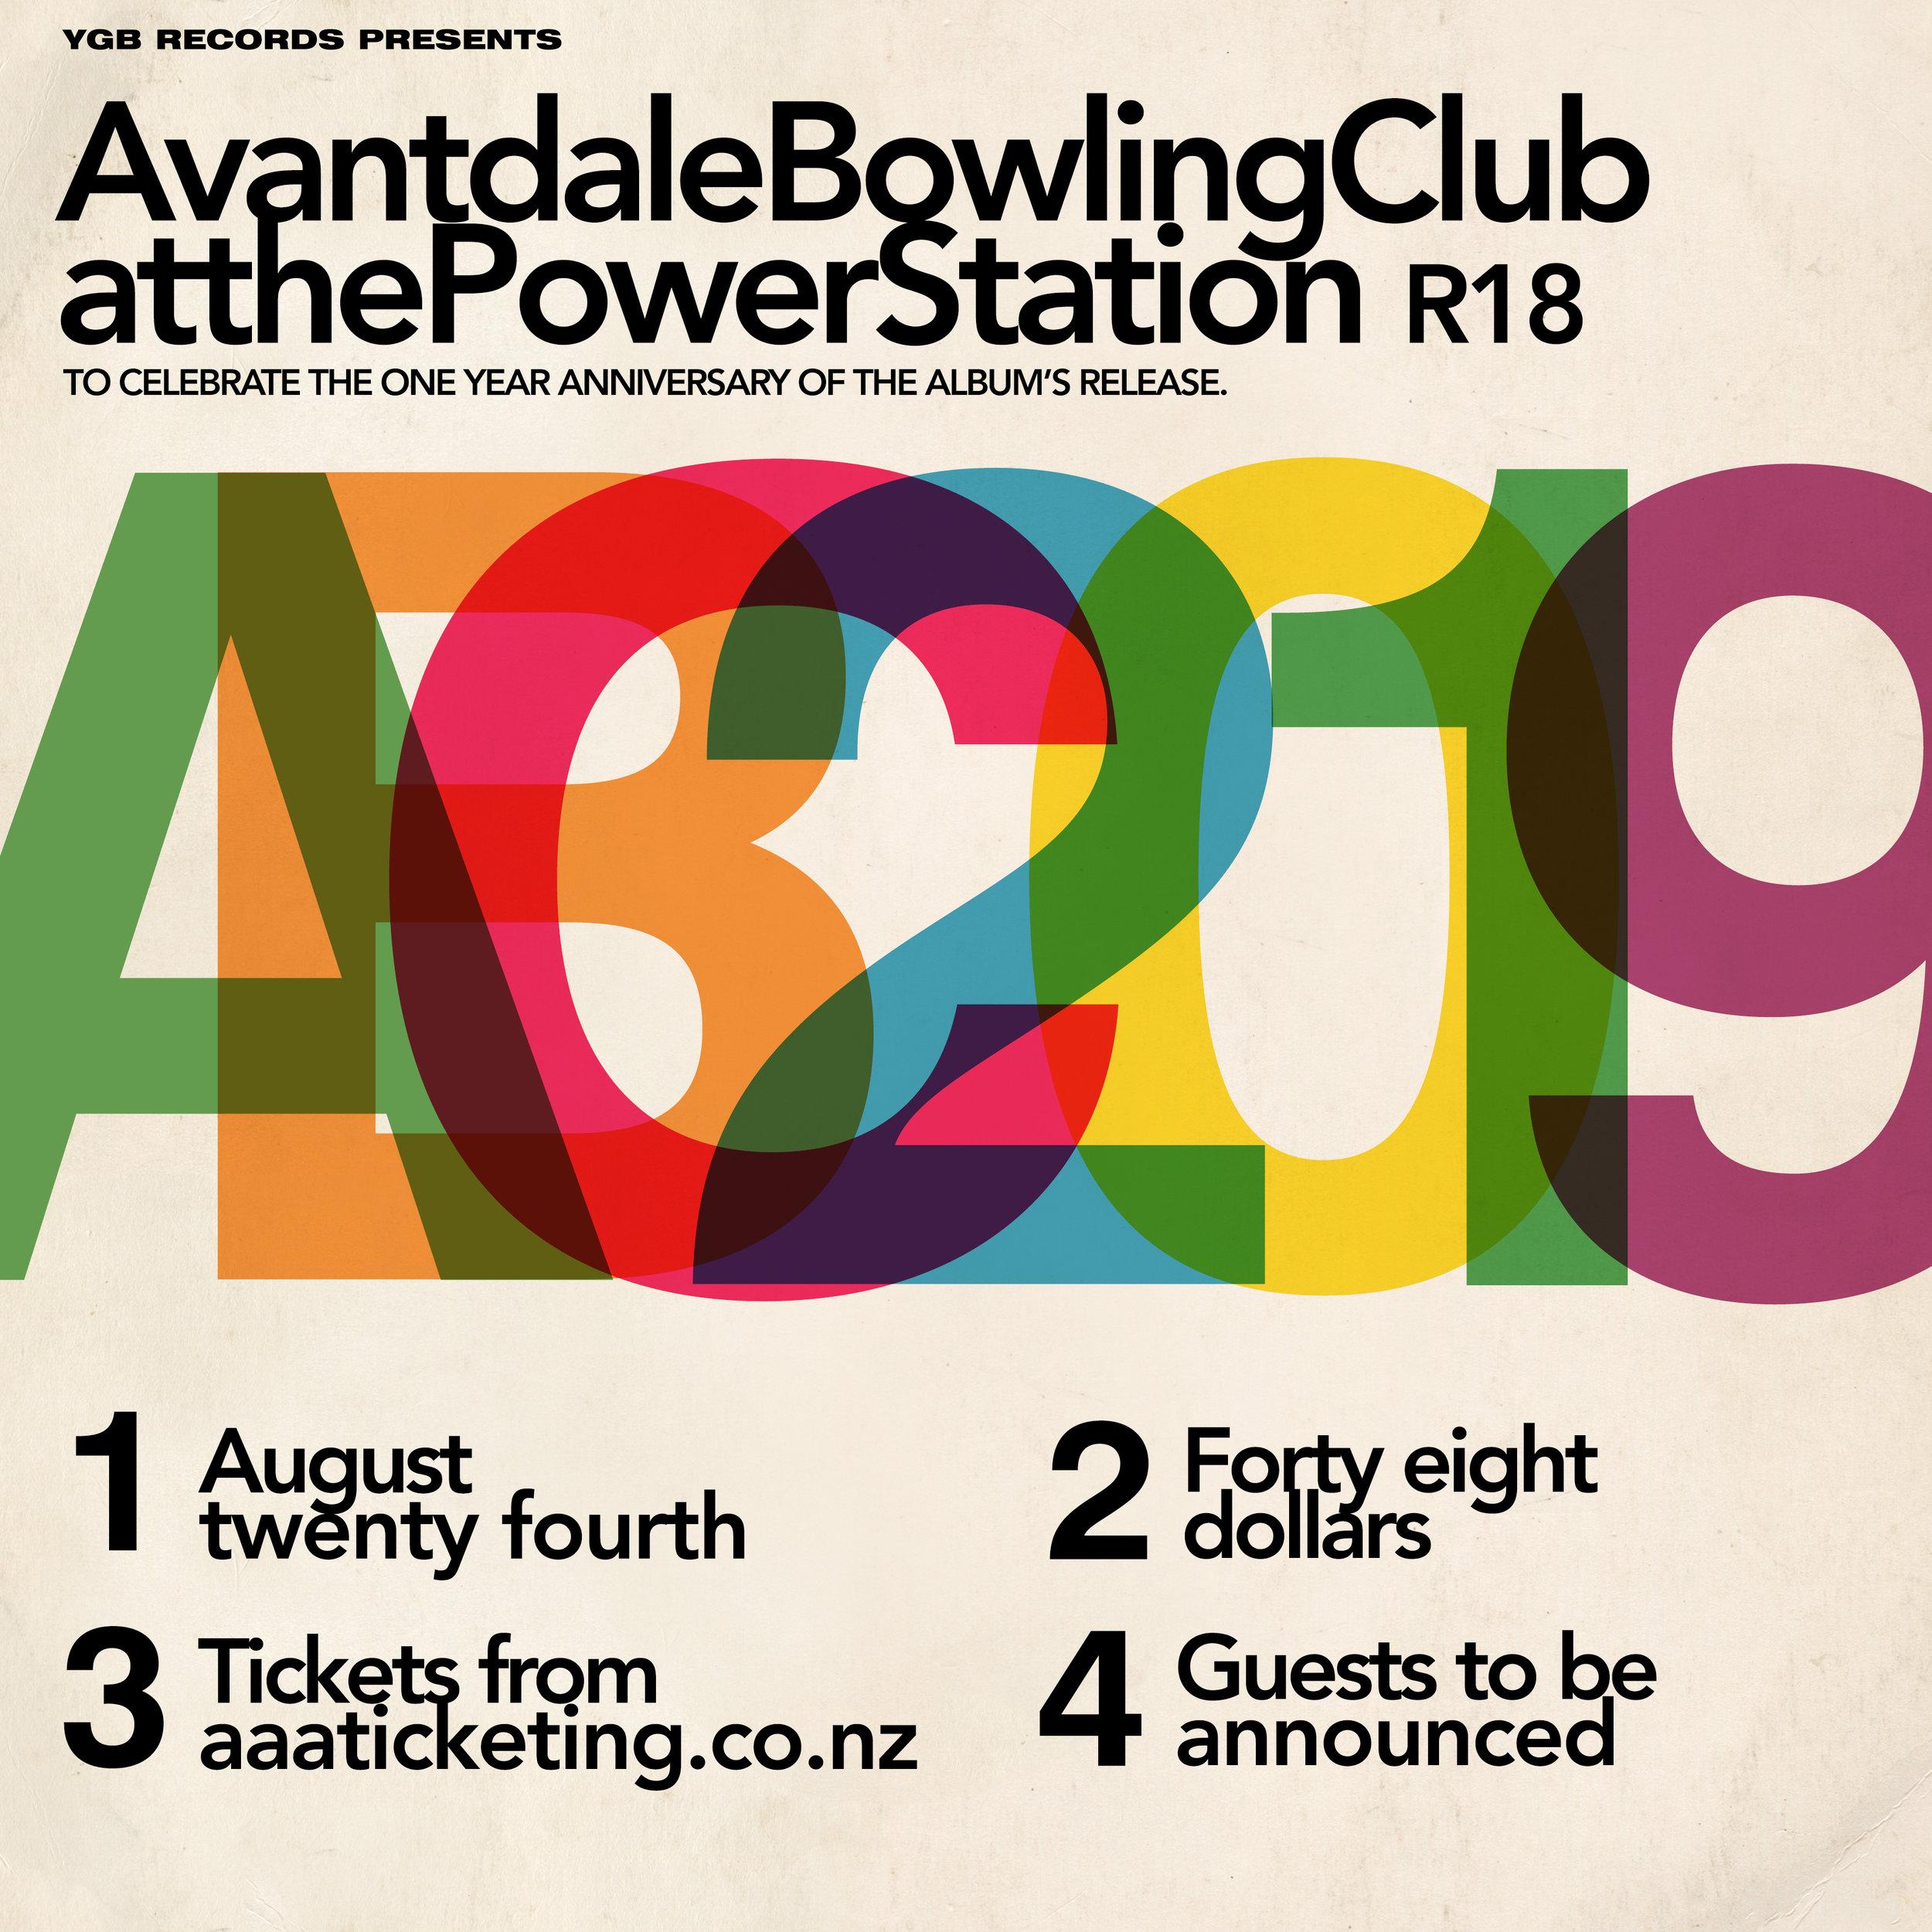 AVANT BOWL CLUB PSTATION SQ.jpg